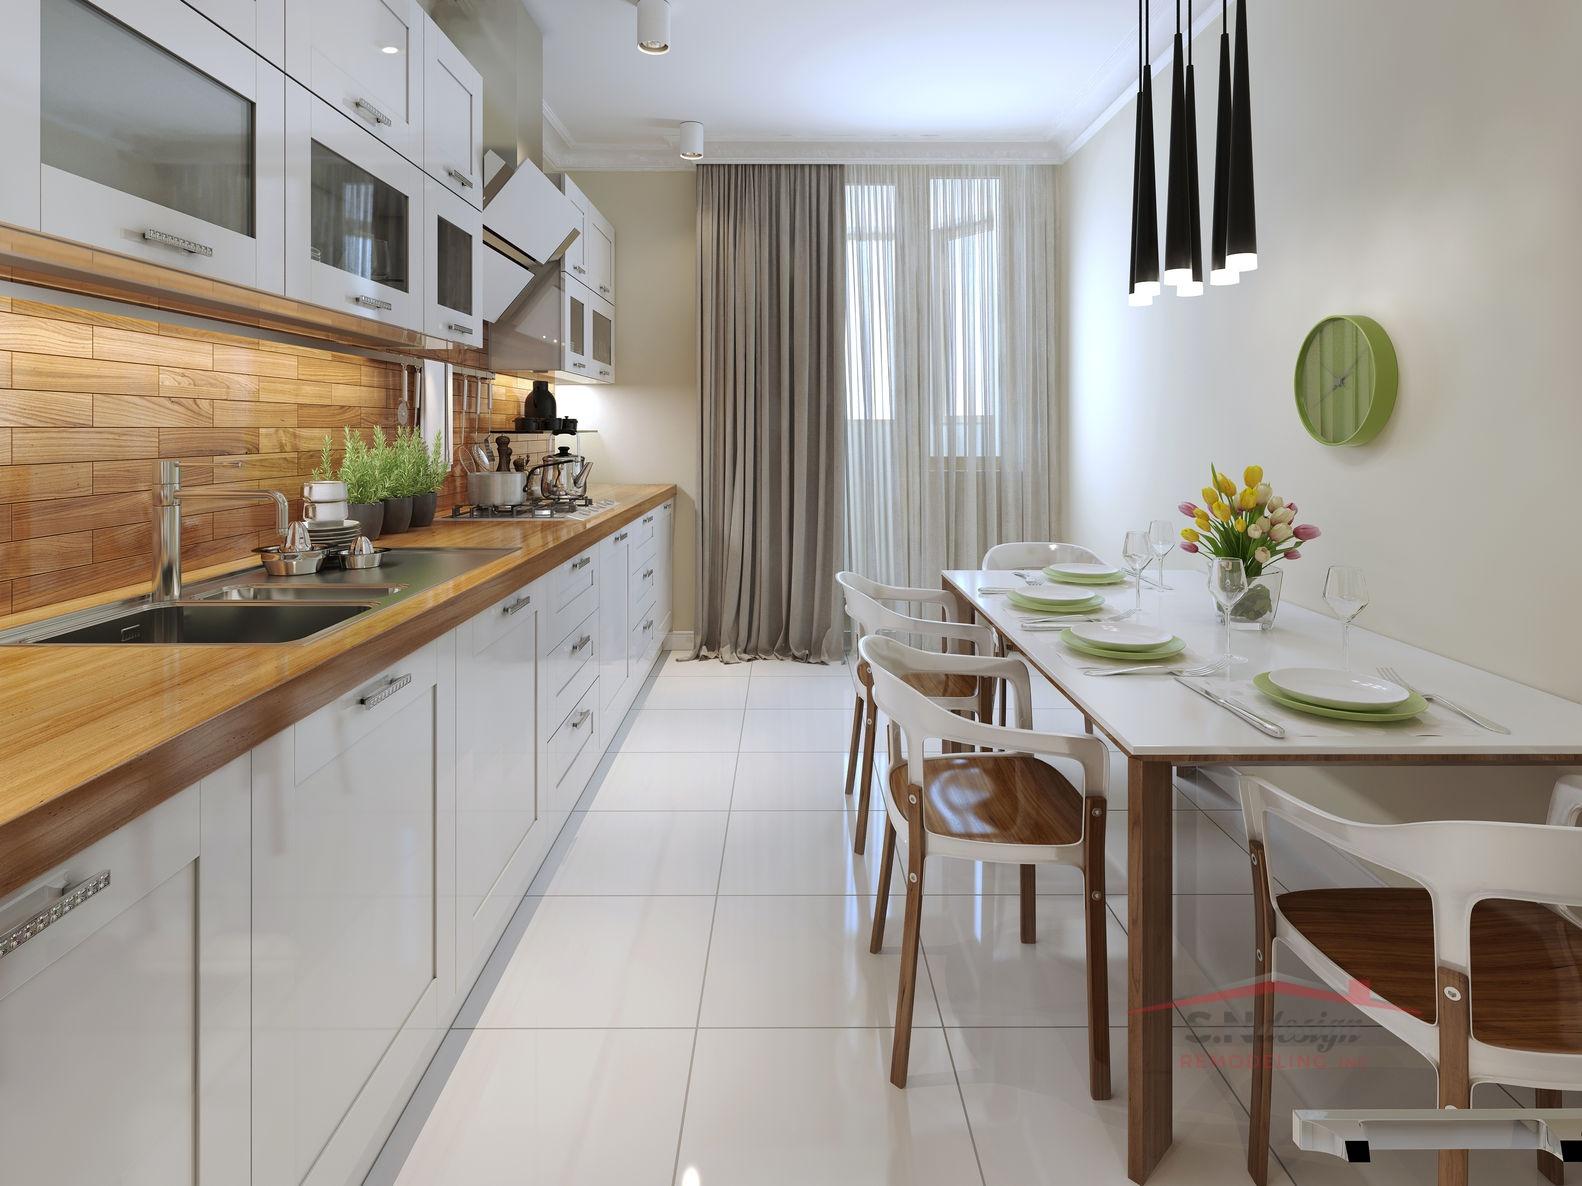 47271415 - modern kitchen. 3d render